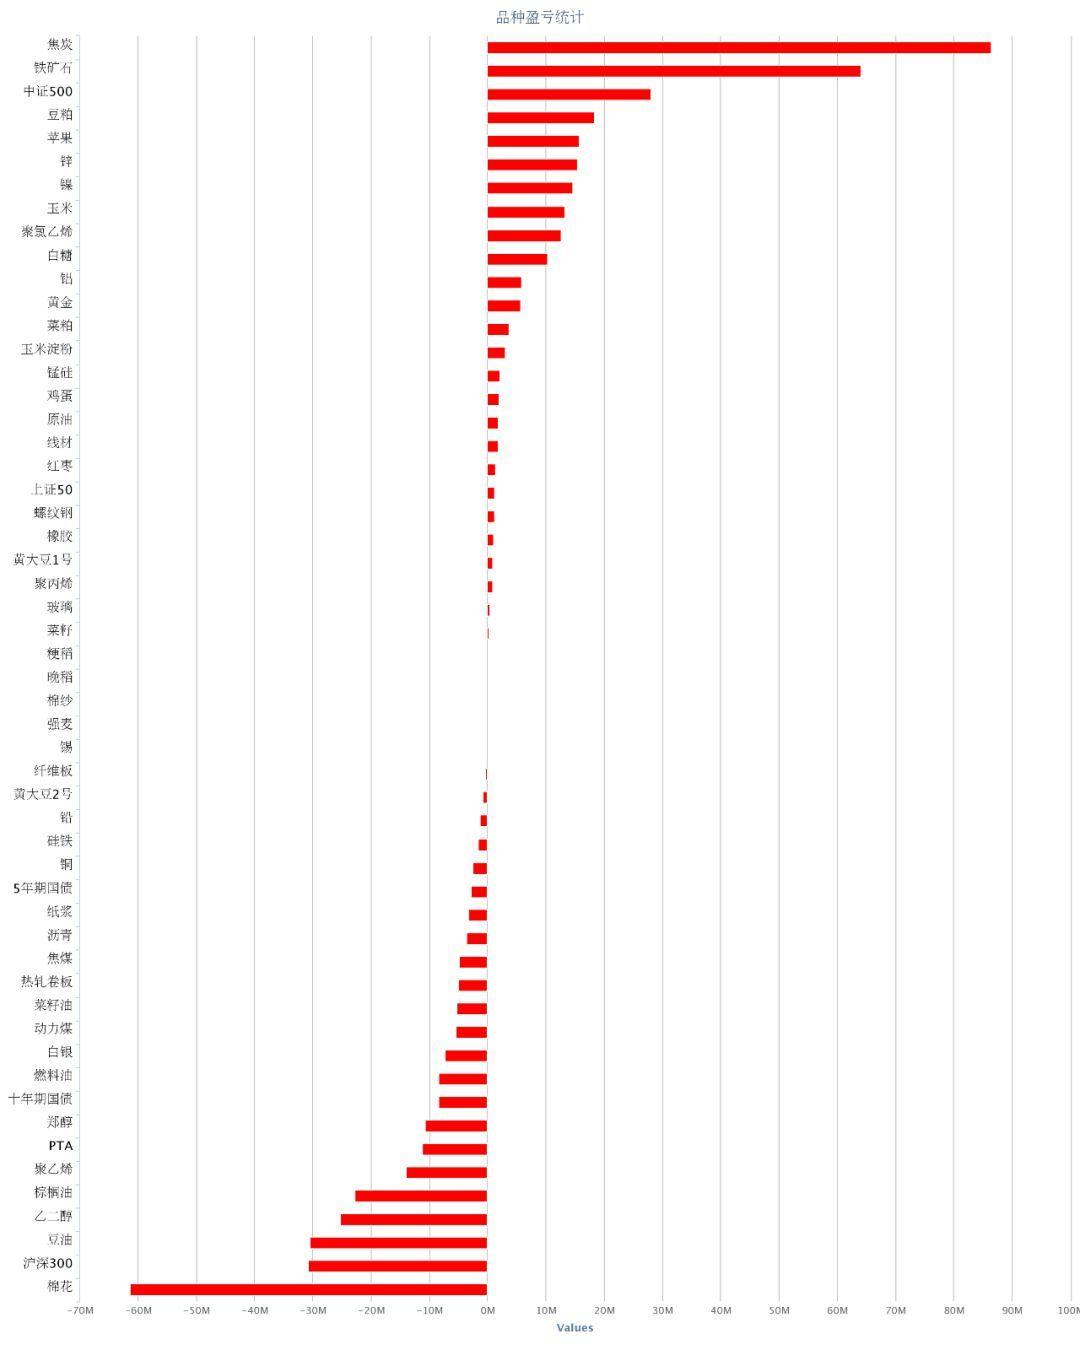 期货加餐 · 中方将理性对待中美经贸摩擦;外盘有色普涨农产品普跌 - 2019/5/11